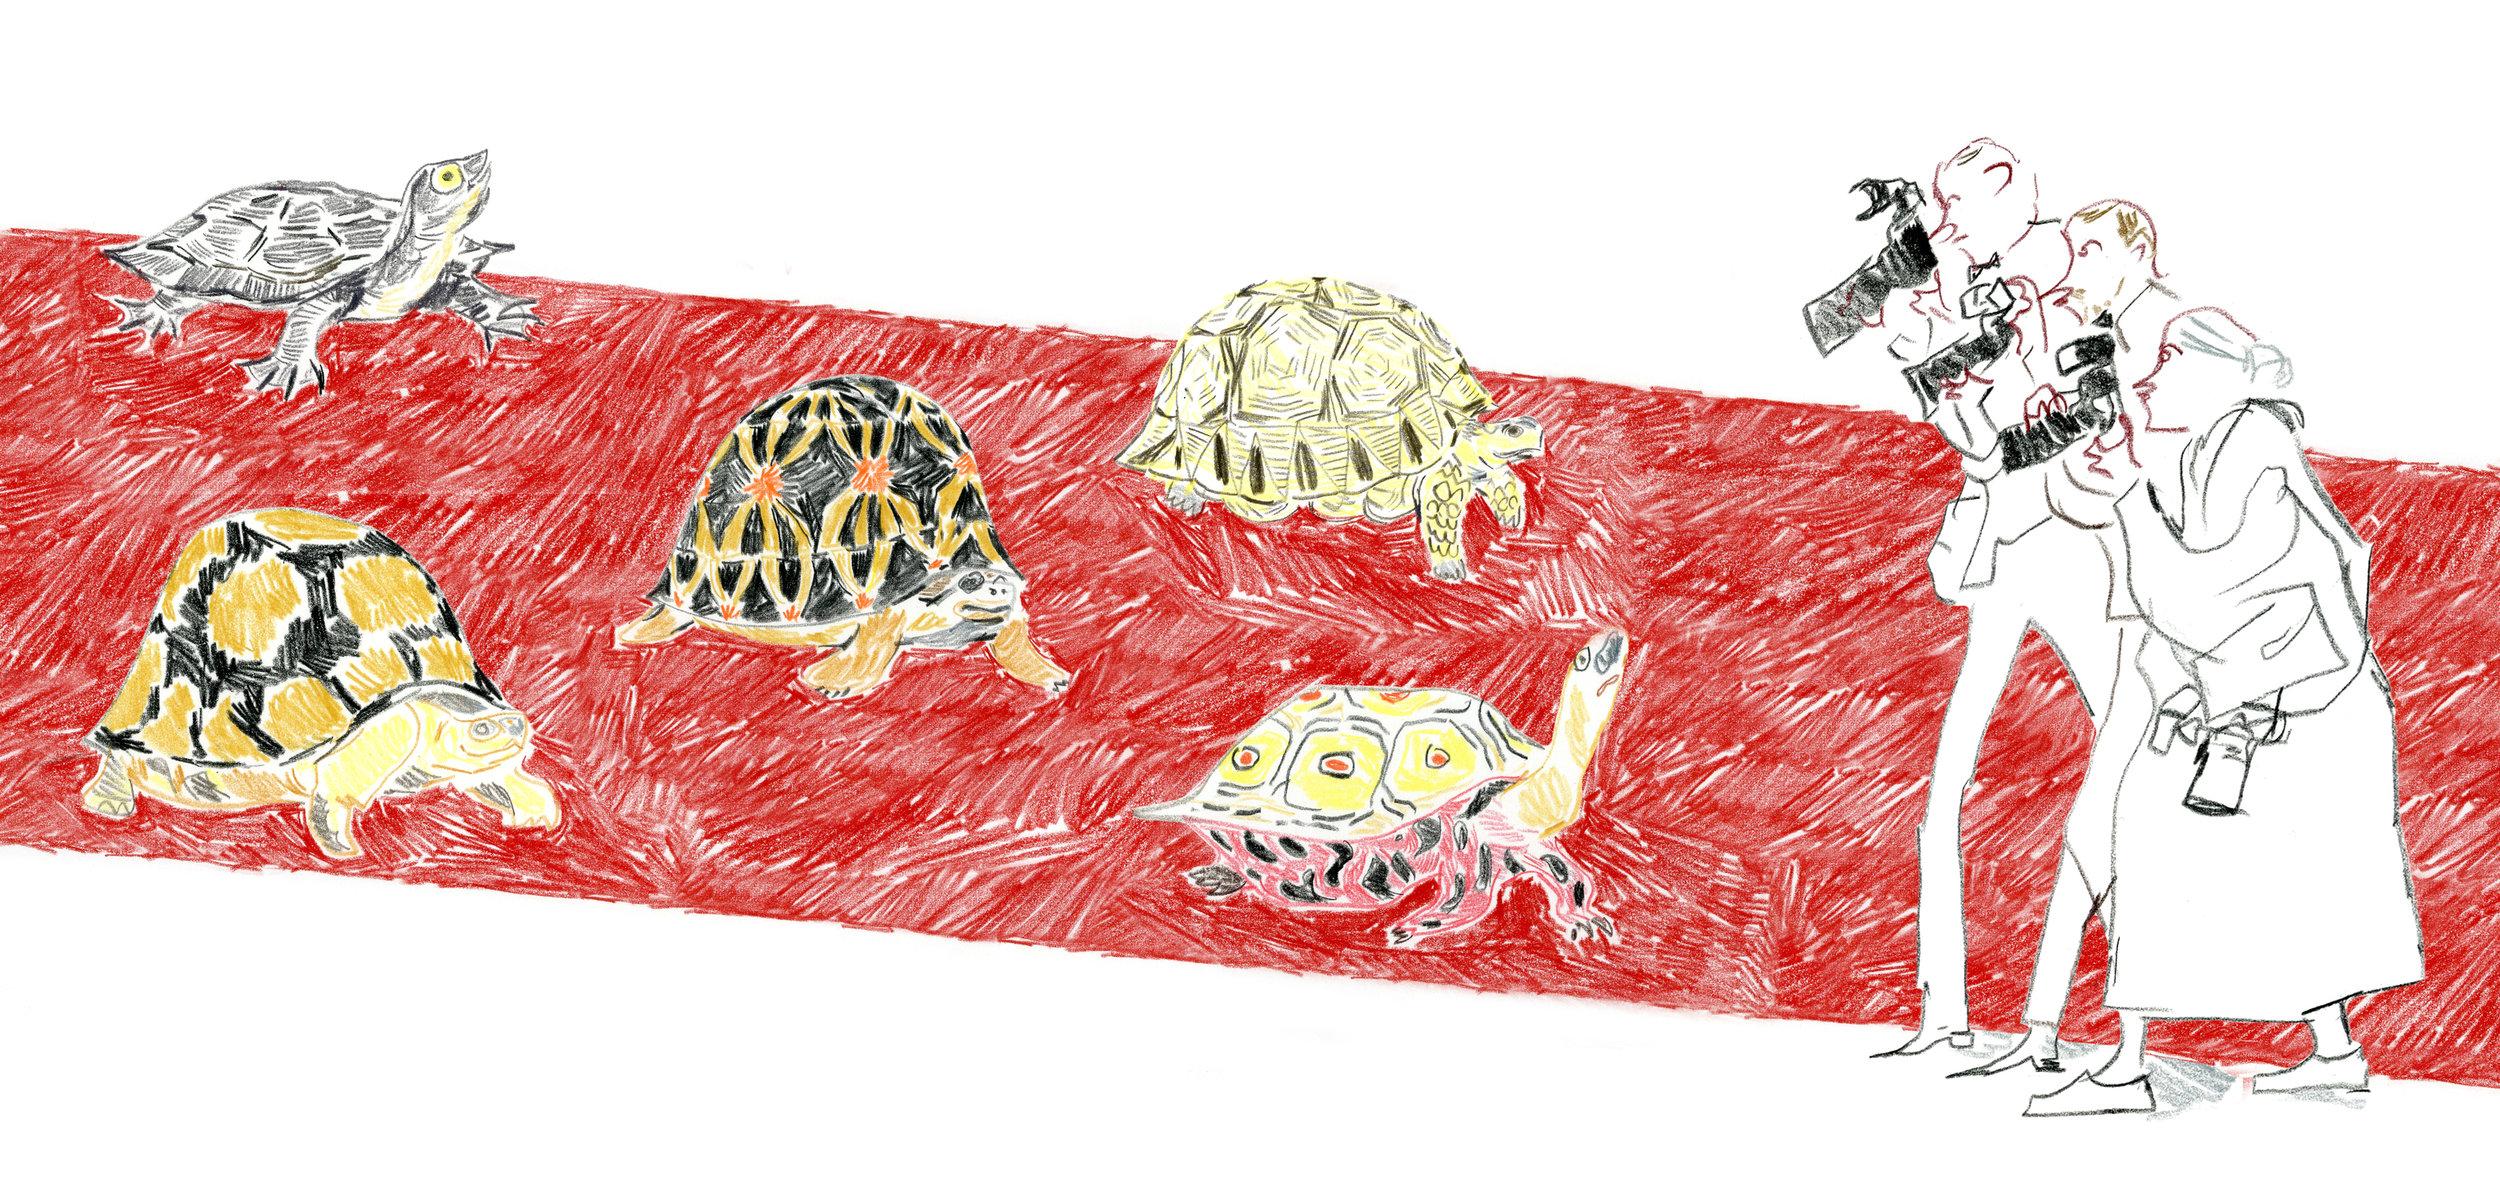 red_carpet_turtles_wide.jpg